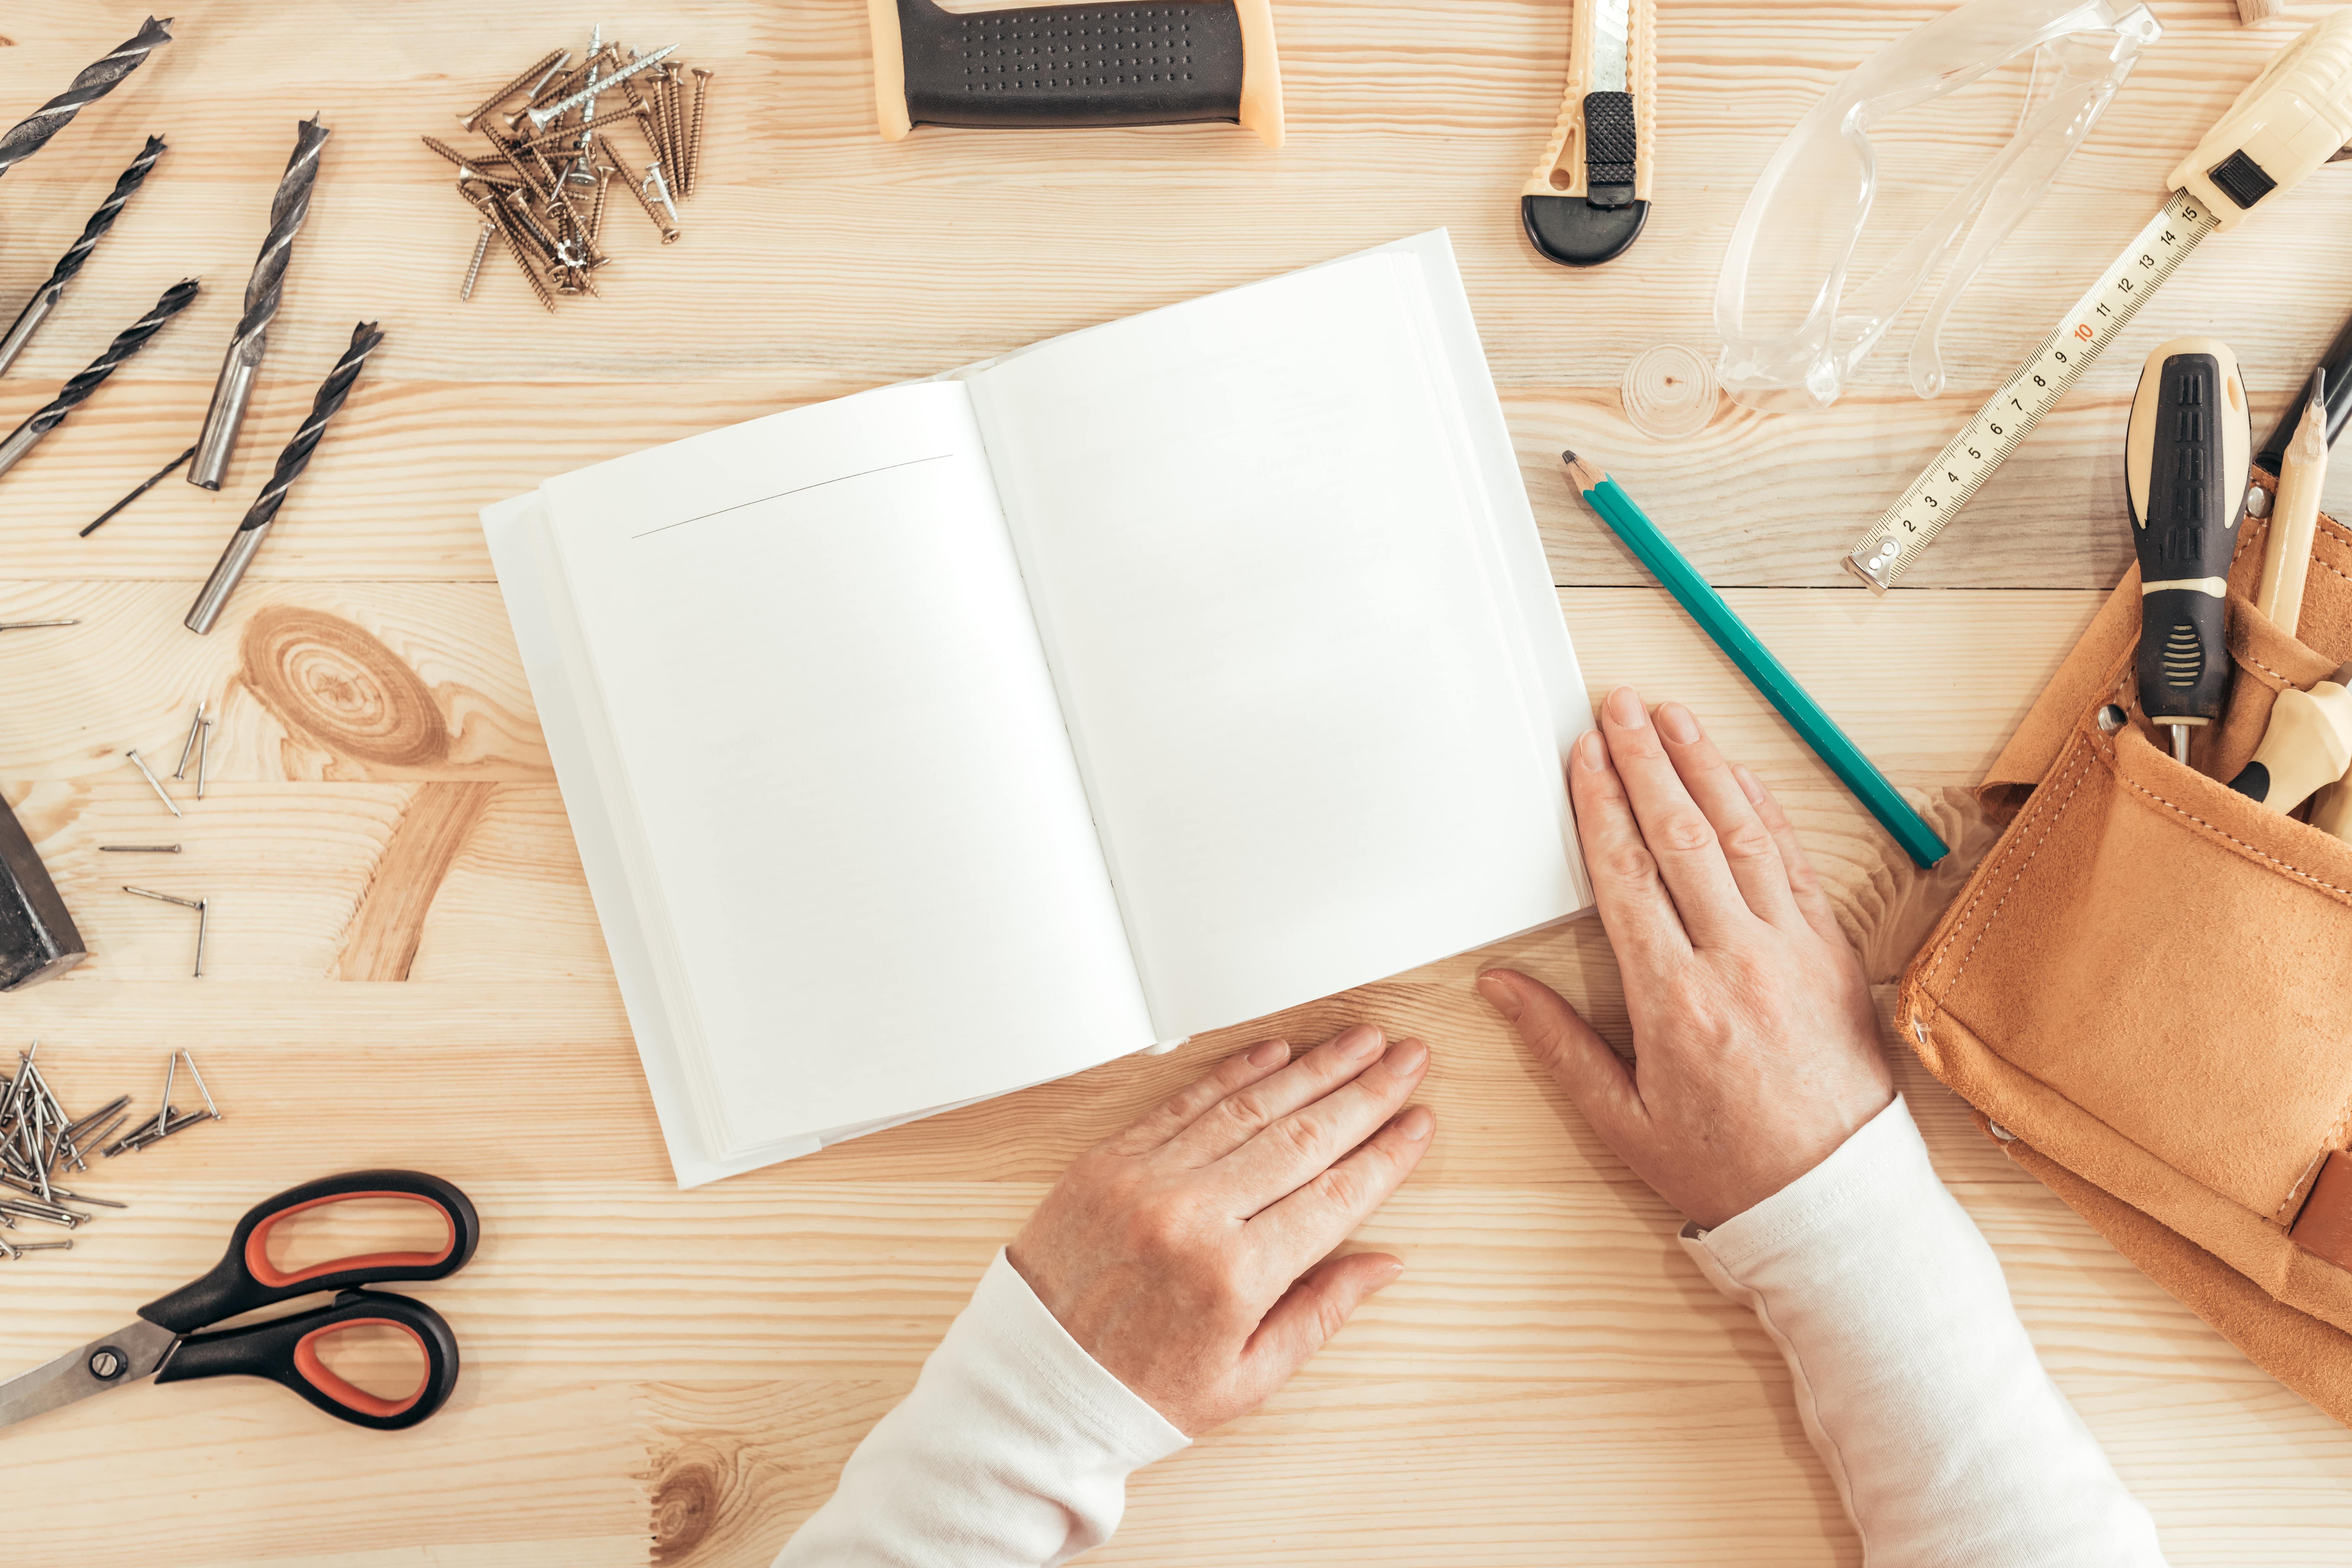 Personne devant une page blanche de cahier sur un plan de travail